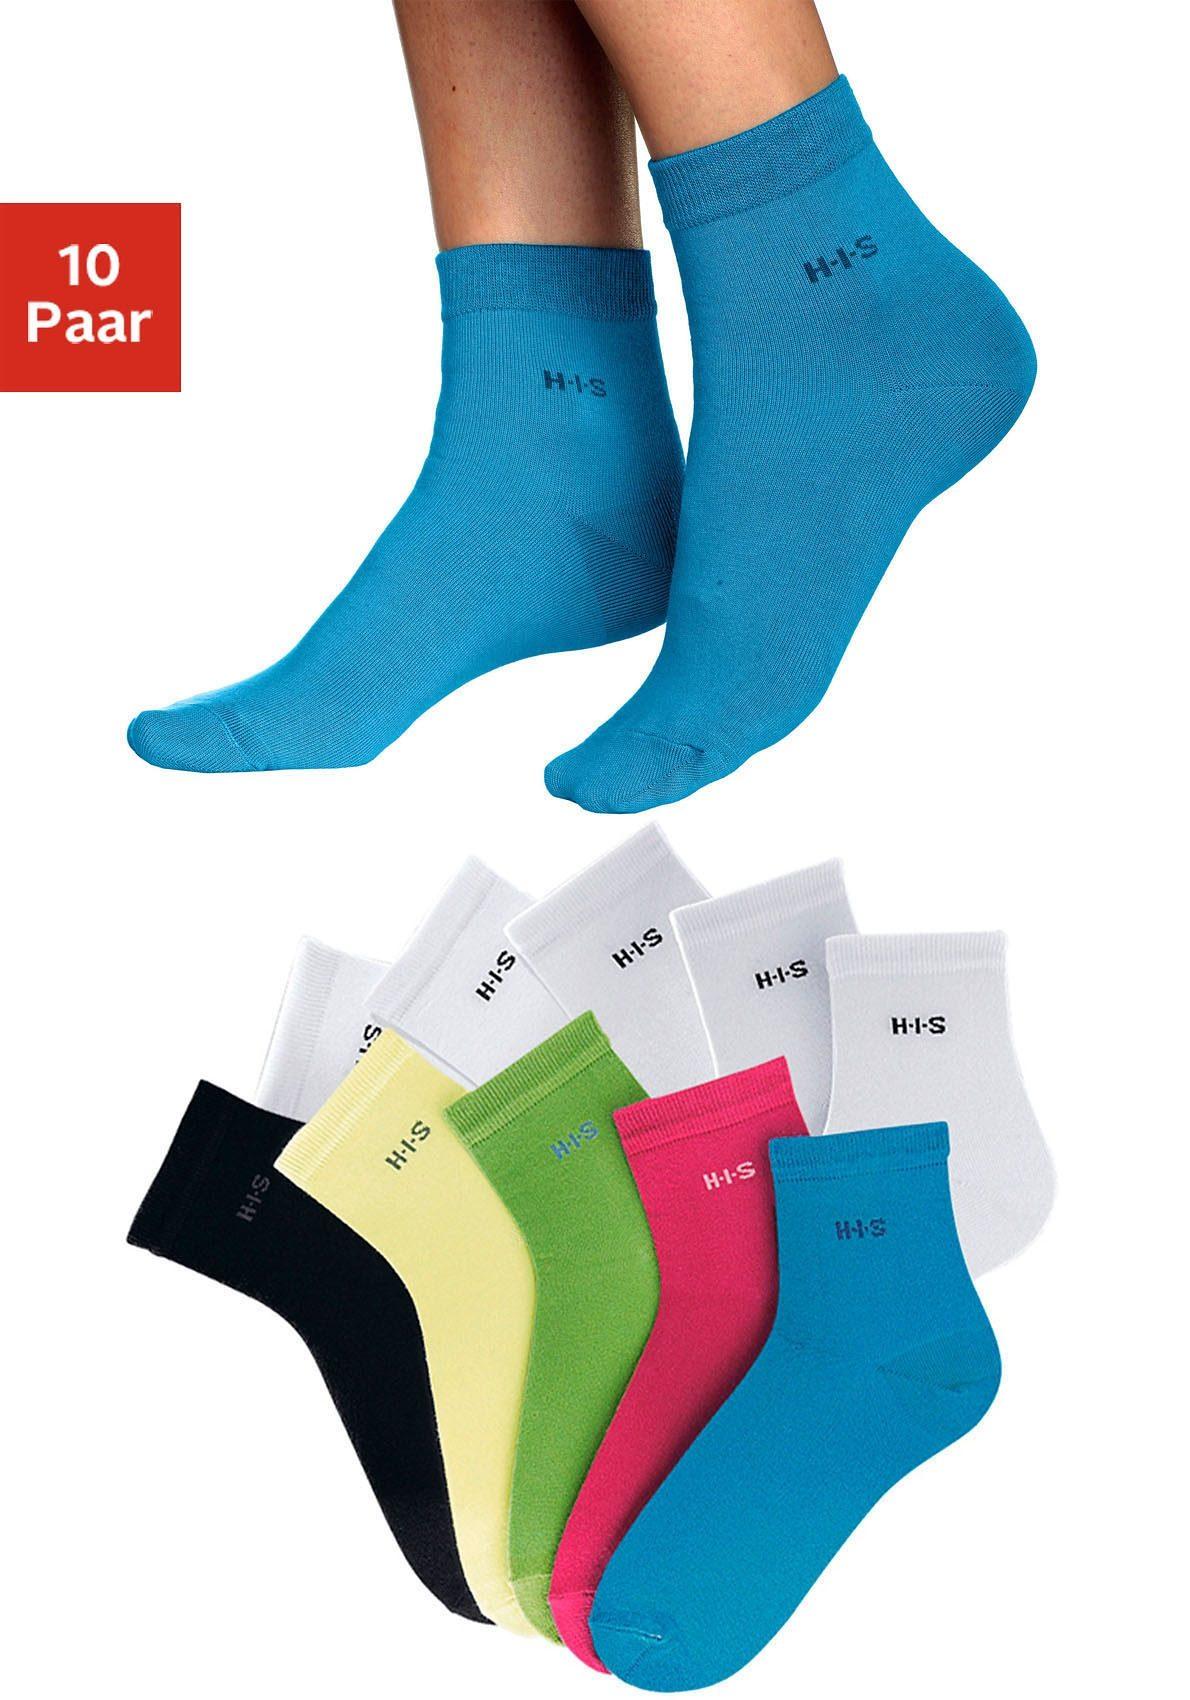 10 Paar Damen Ultra-Dünne Socken Elastisch Atmungsaktive Kurz Socken Sommer 10er